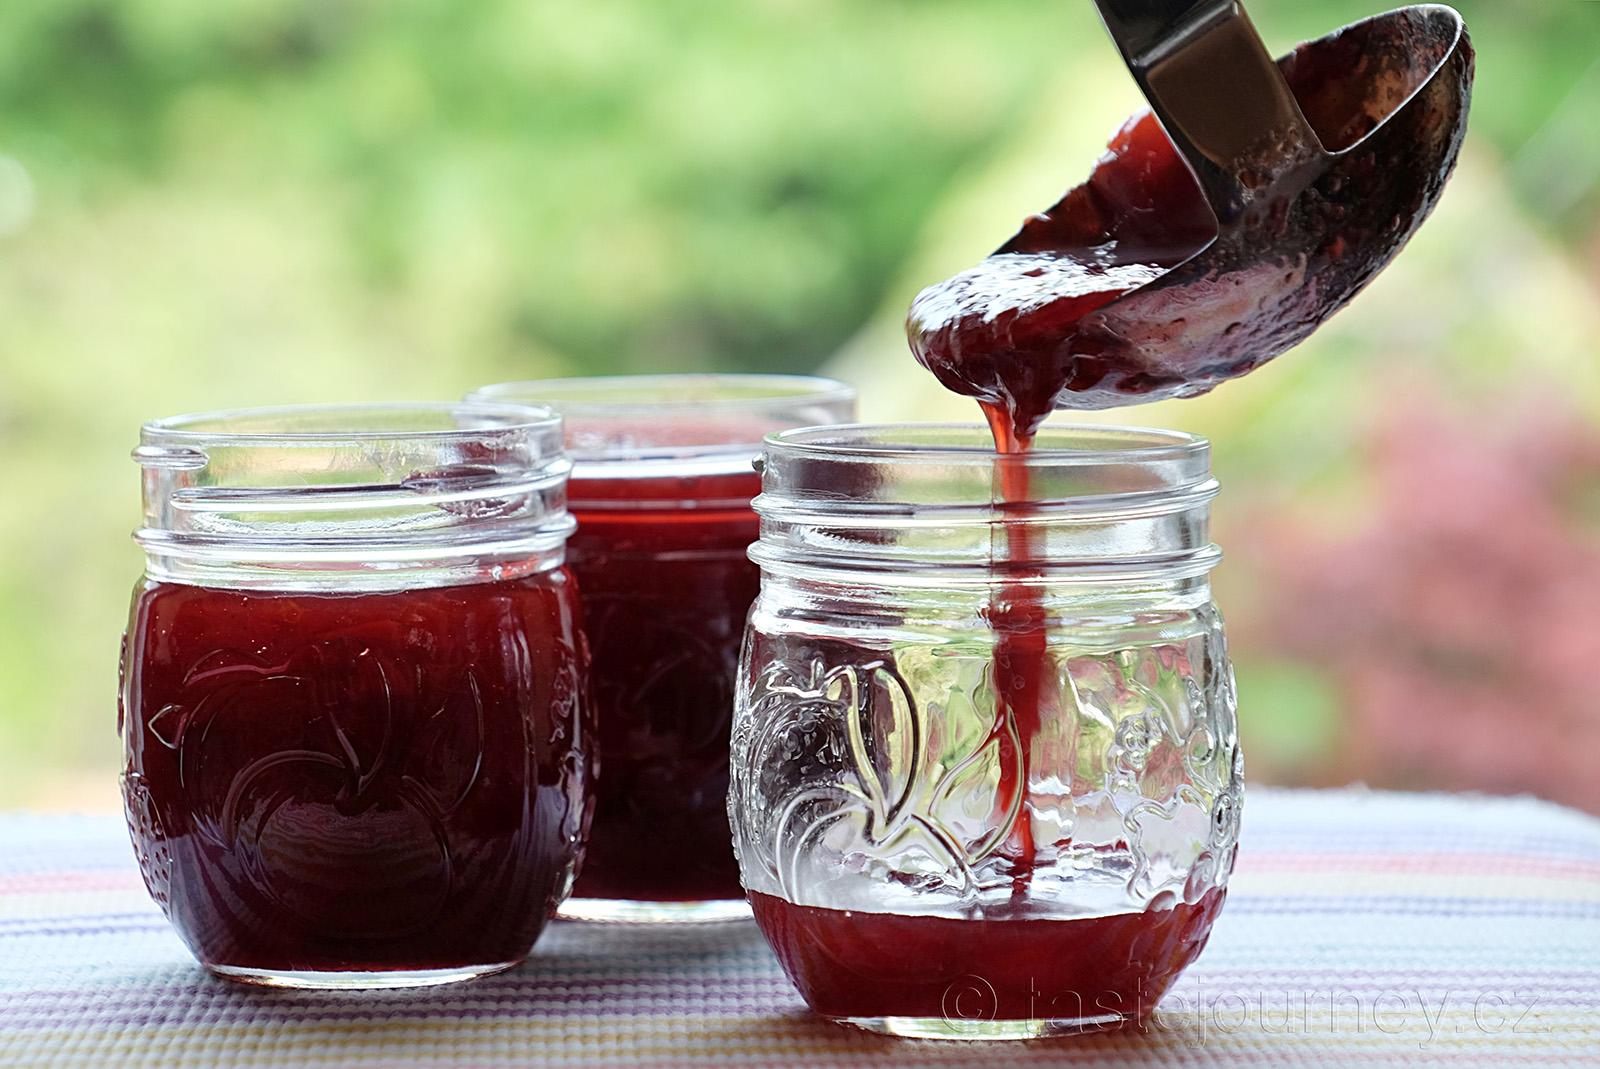 Švestkový džem s vanilkou je harmonií sladkokyselých chutí